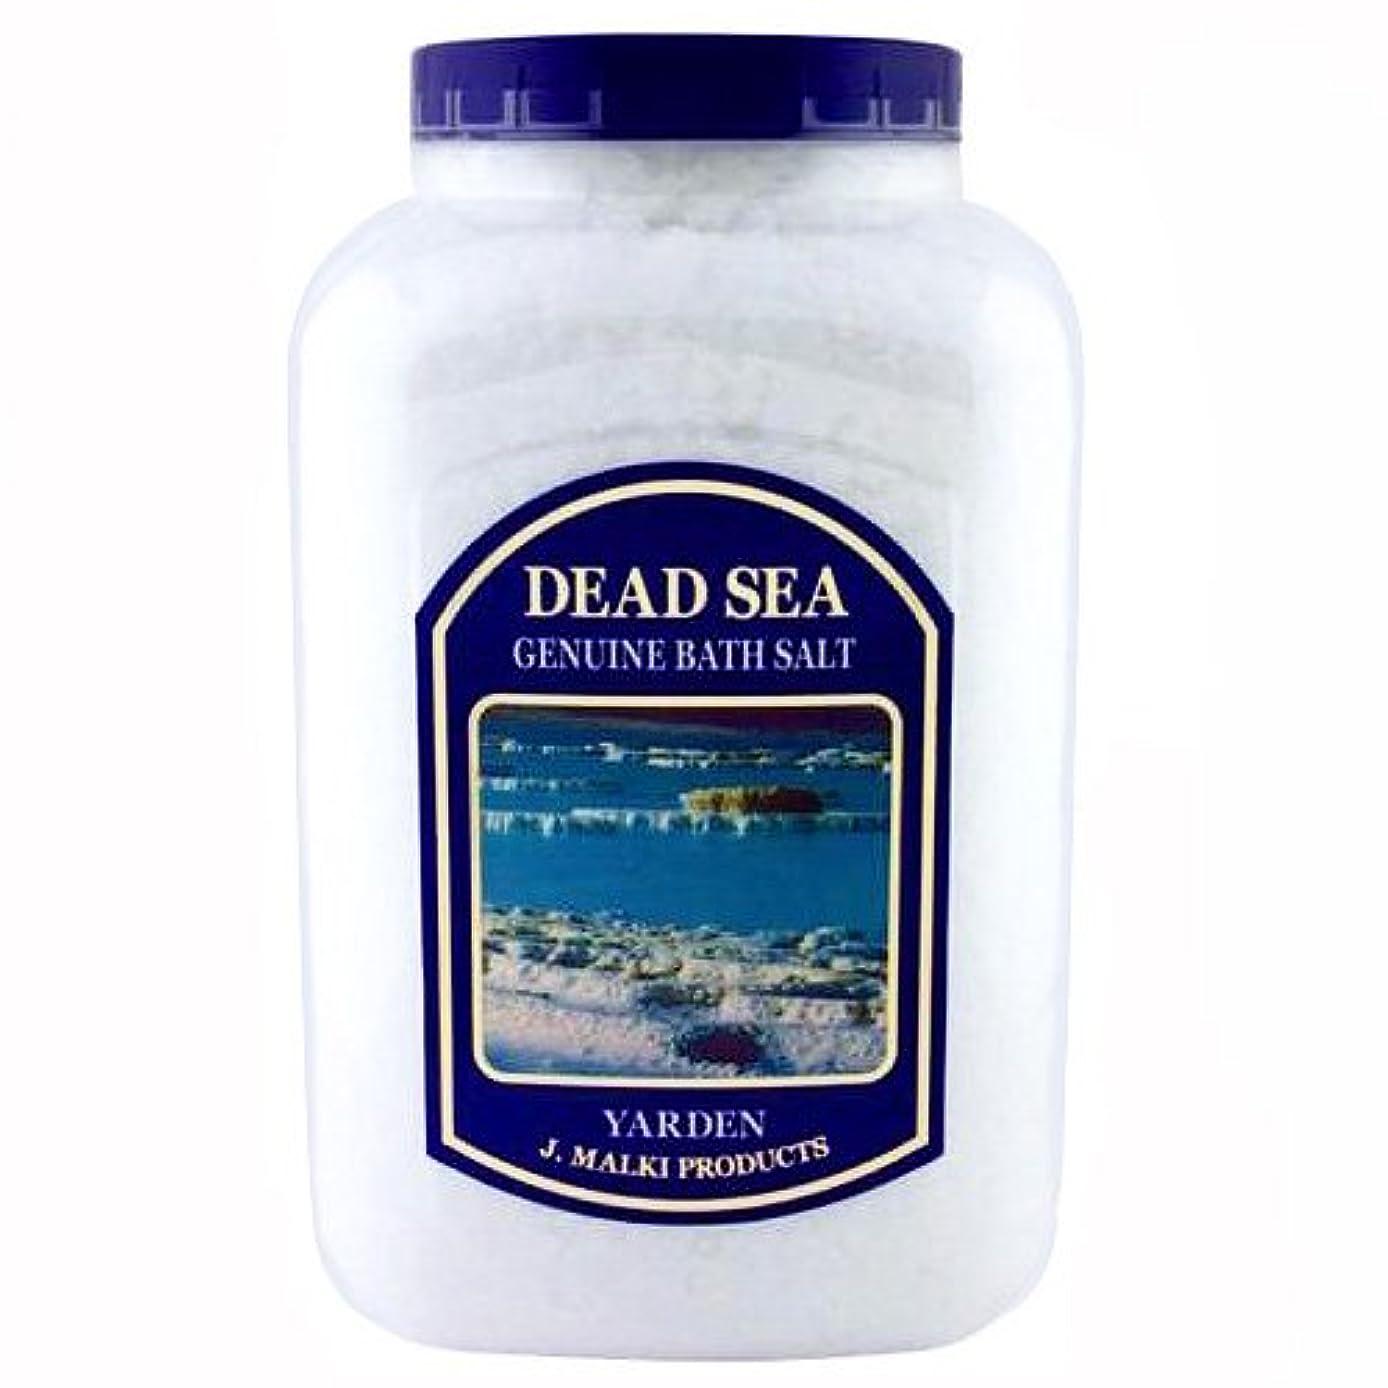 立法濃度メンテナンスデッドシー?バスソルト 4.5kg(約45回分)【DEAD SEA BATH SALT】死海の塩/入浴剤(入浴用化粧品)【正規販売店】